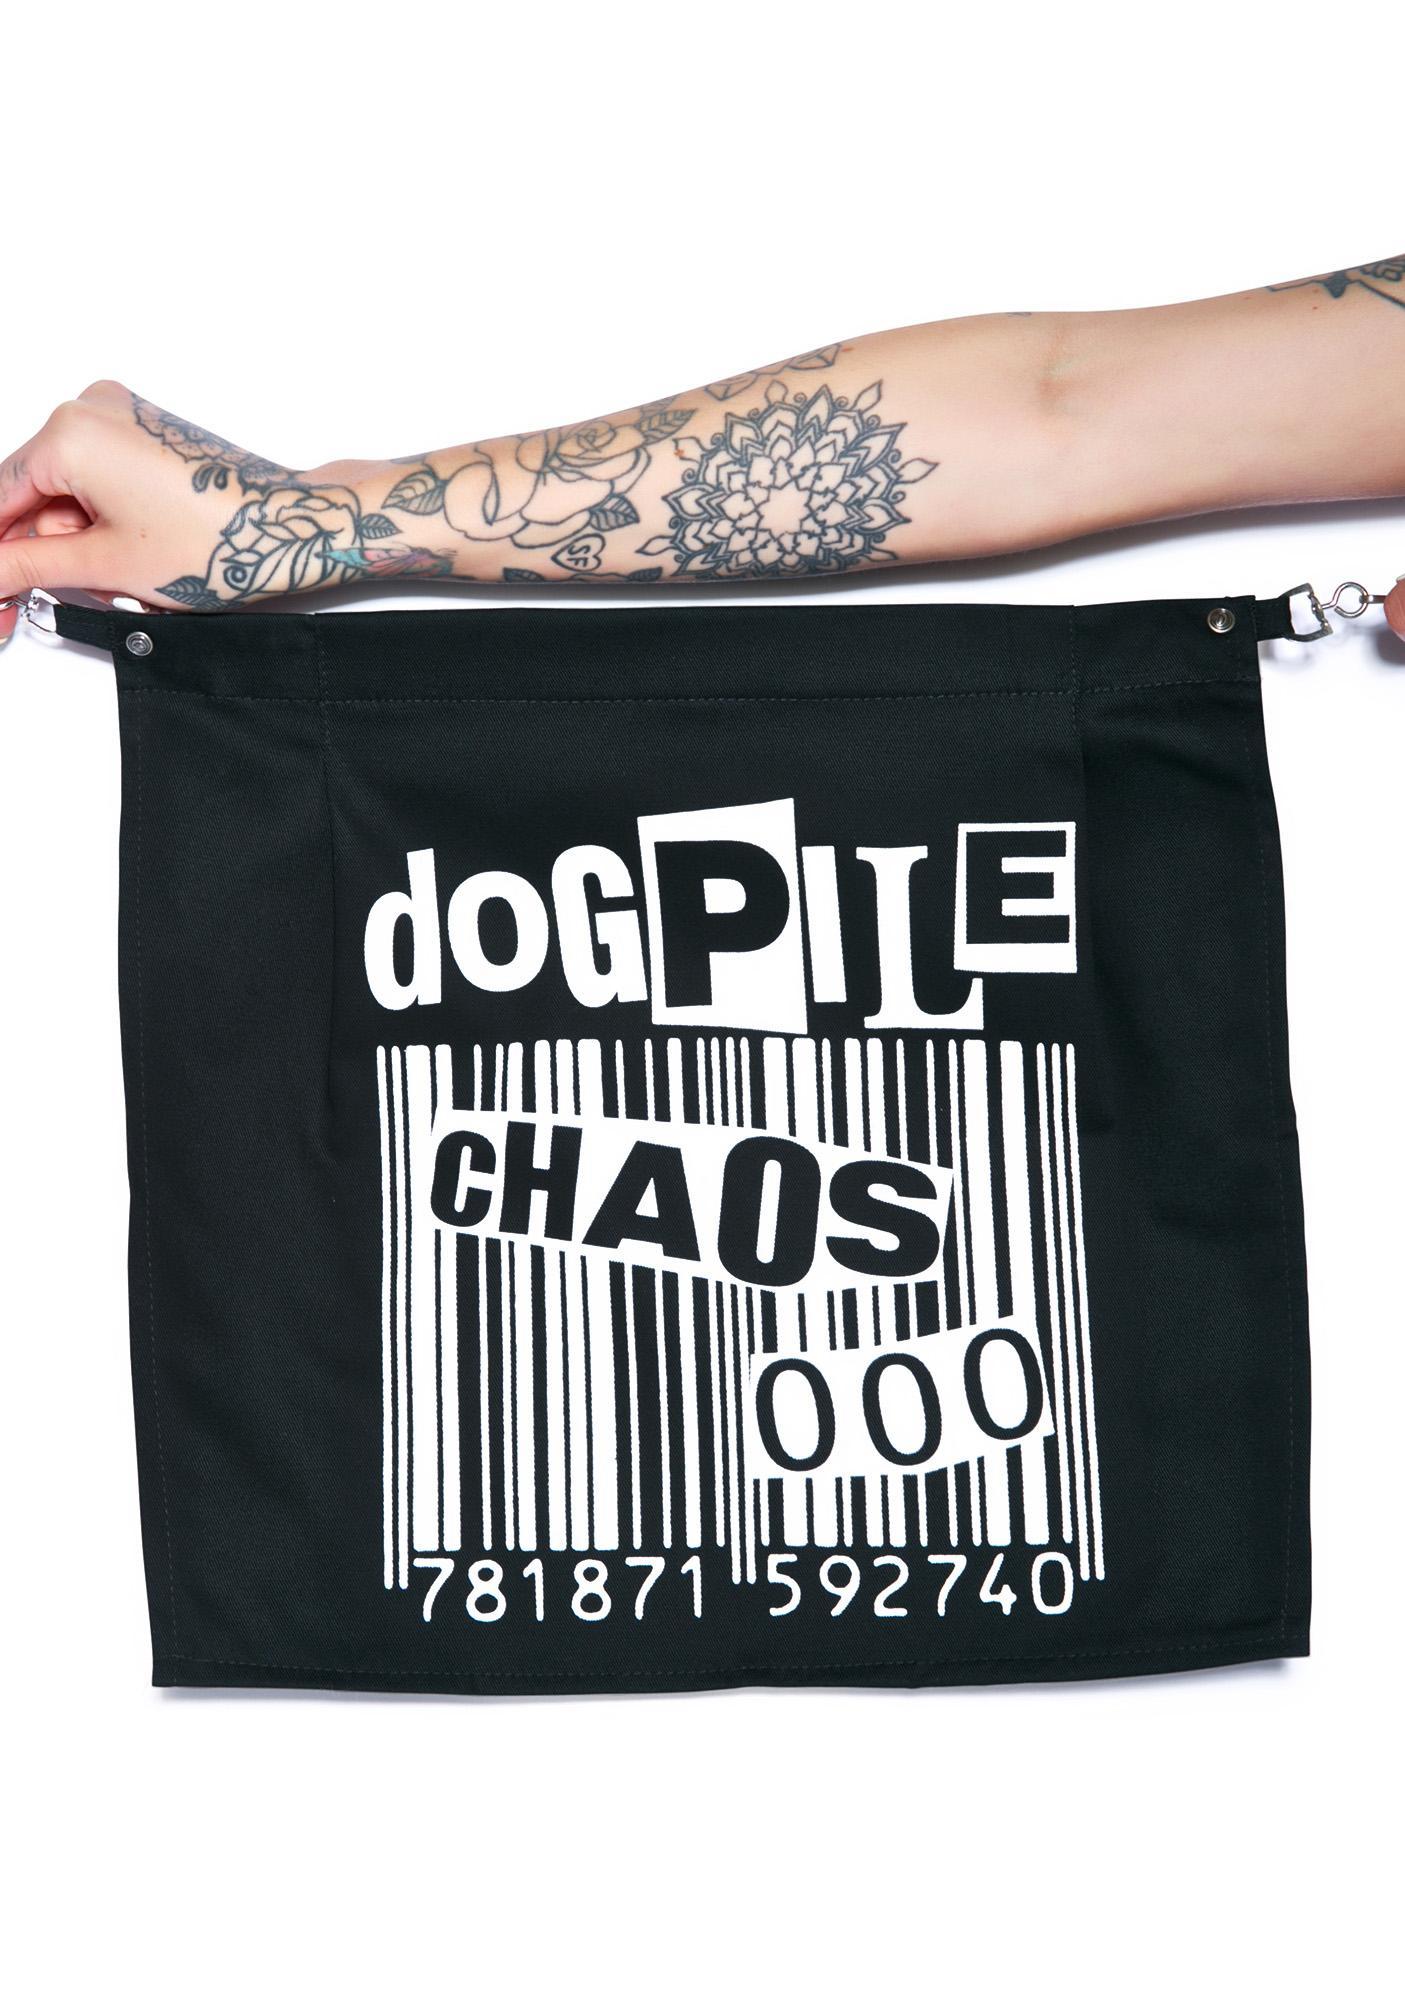 Chaos Barcode Bum Flap